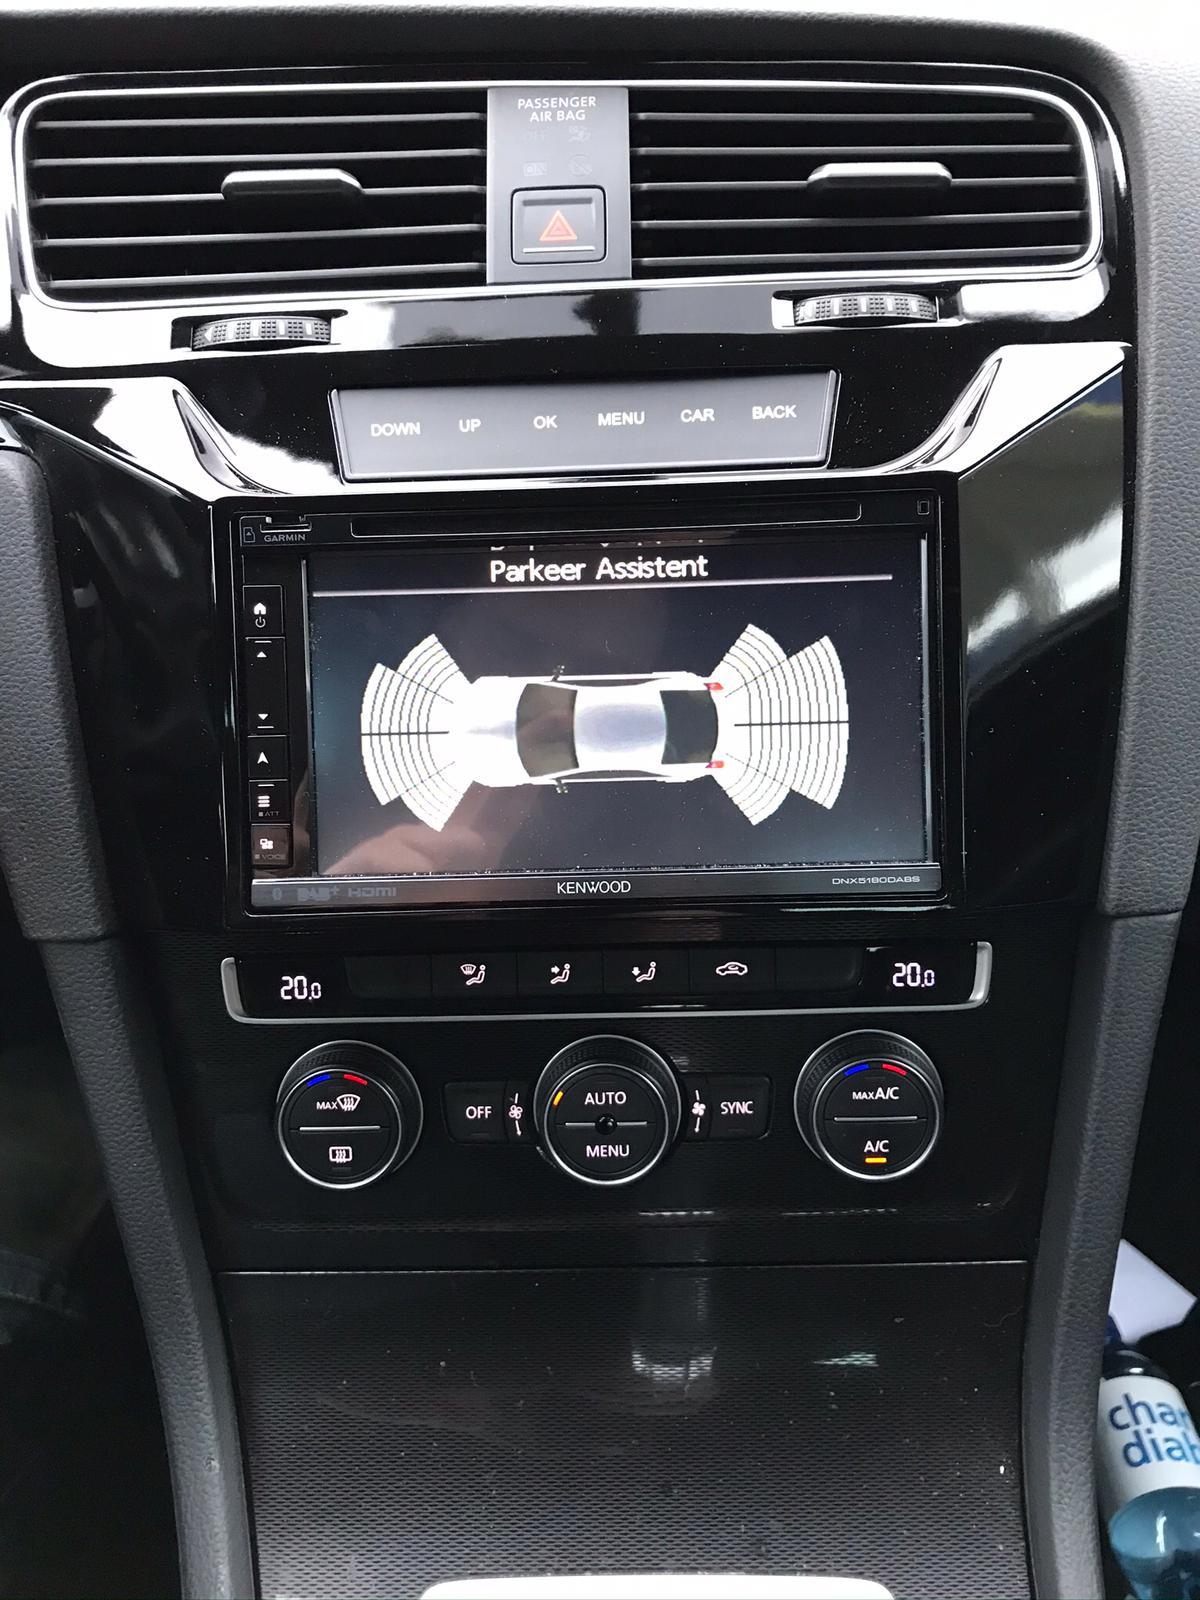 Volkswagen Golf 7 - Multimedia installatie